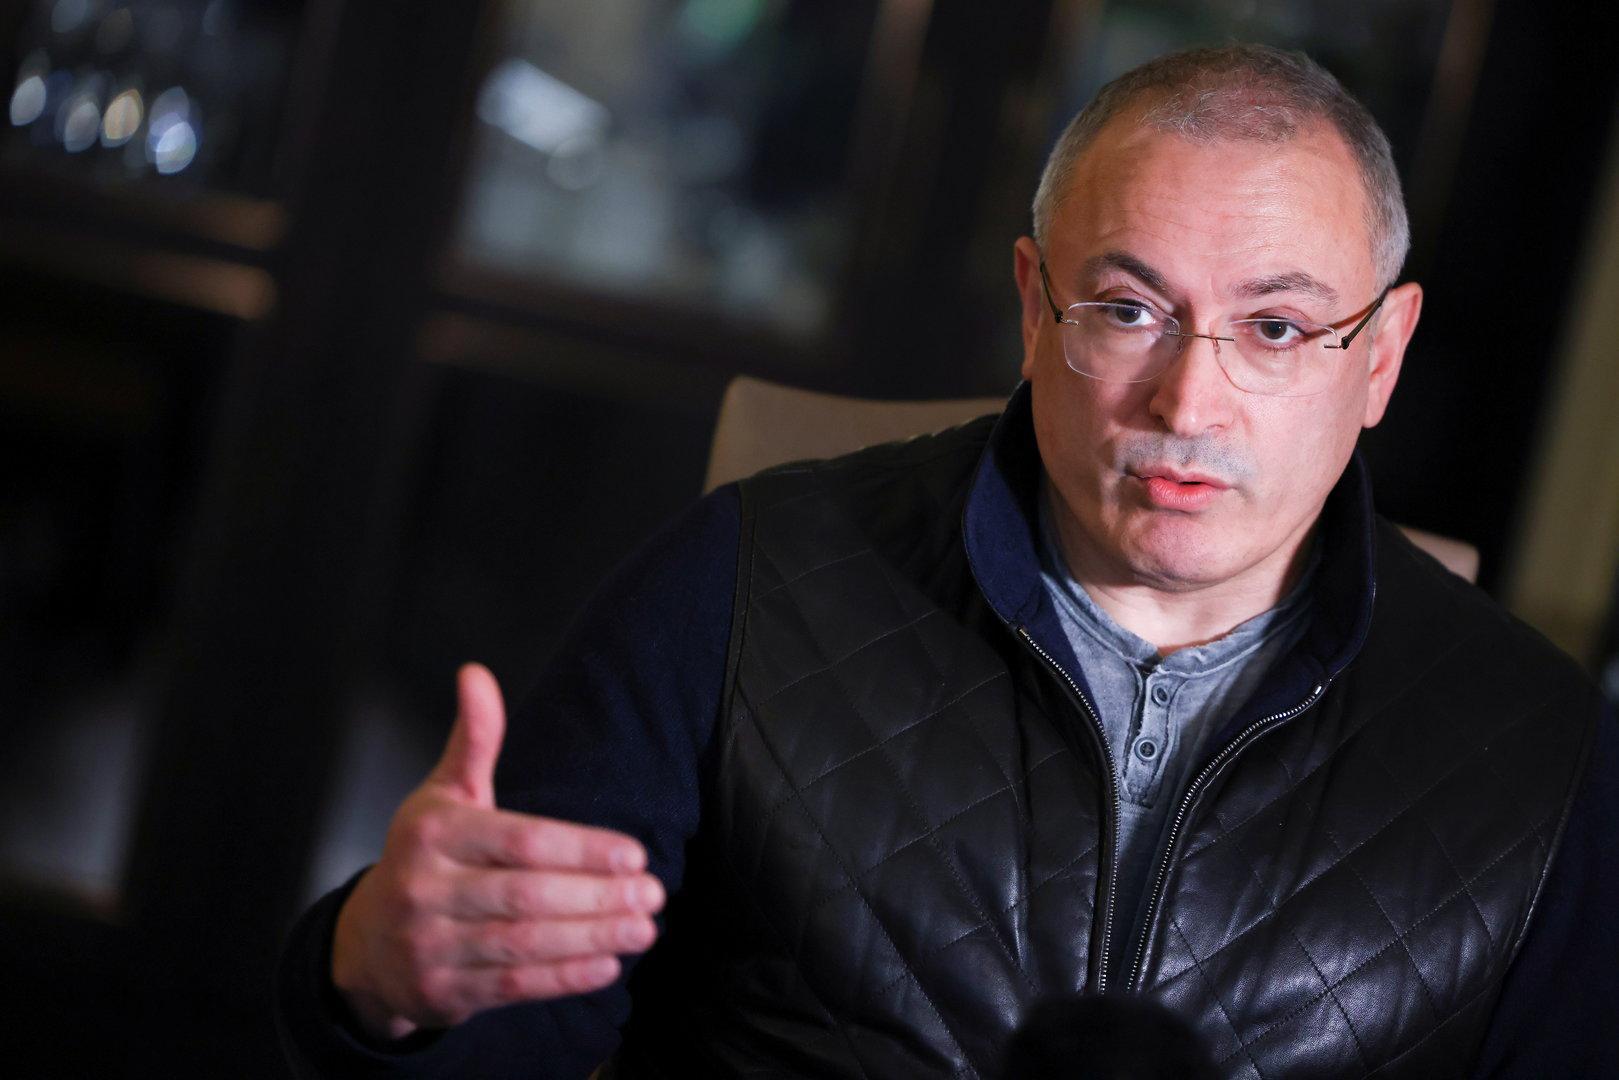 """Chodorkowski zu Fall Nawalny: """"Westen soll handeln, nicht reden"""""""